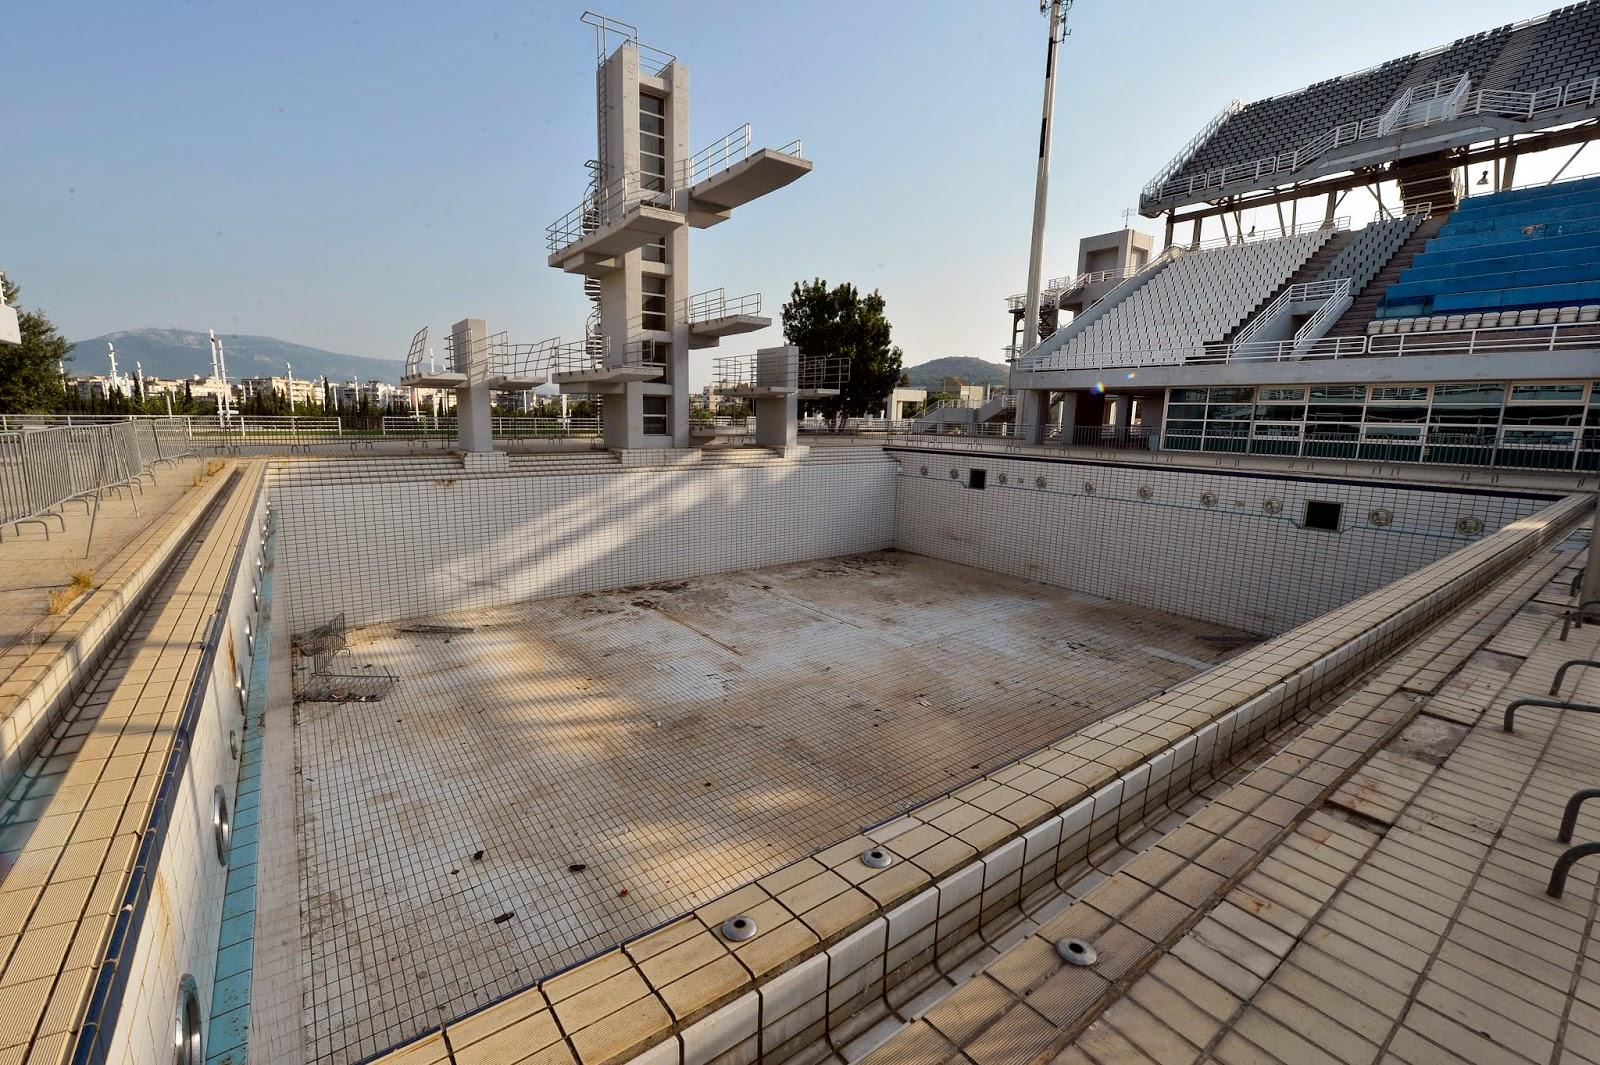 OLIMPIADI Atene 2004-2014: i Giochi in rovina